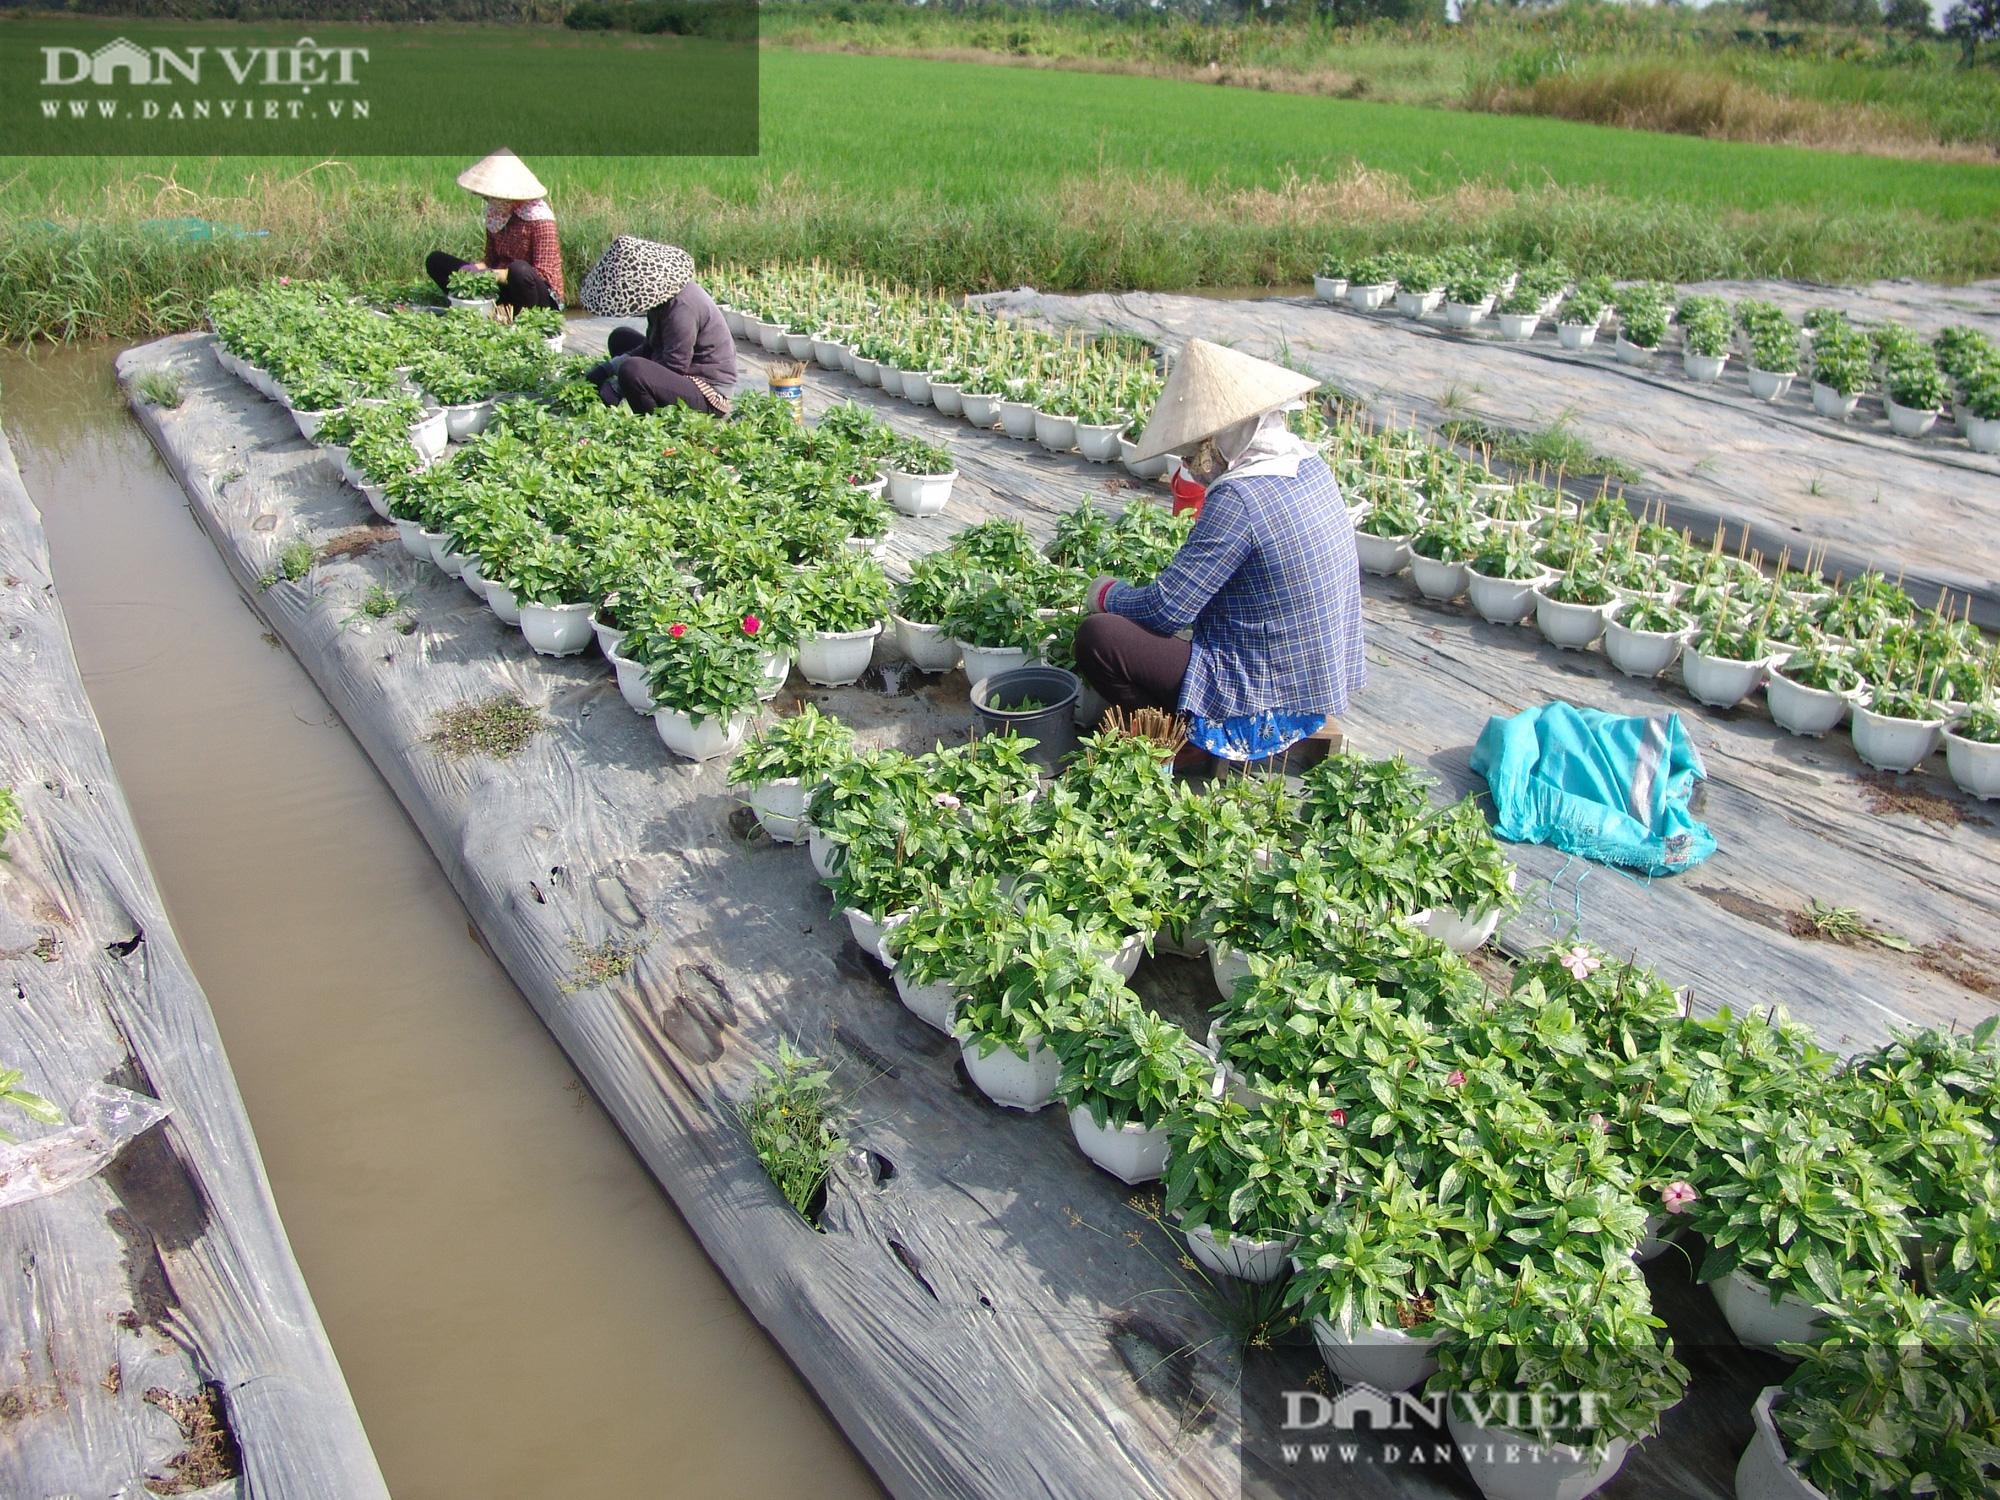 Từ chậu hoa dừa cạn mua chơi, nông dân chân đất trở thành tỷ phú - Ảnh 4.